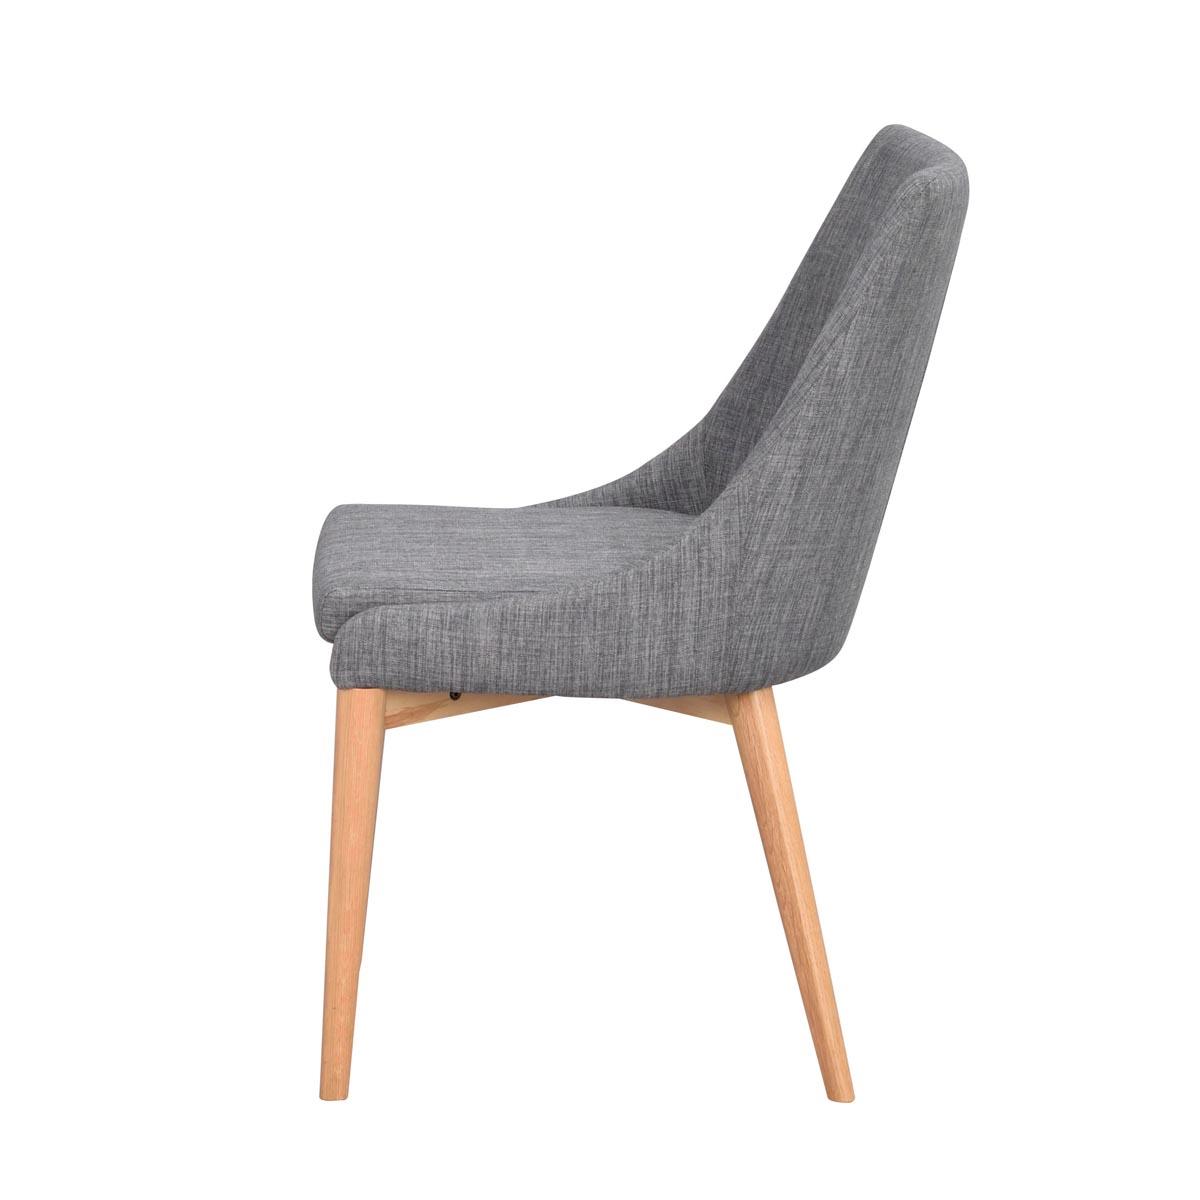 Bea-stol-mörkgrått-tyg_ekR-118321_c